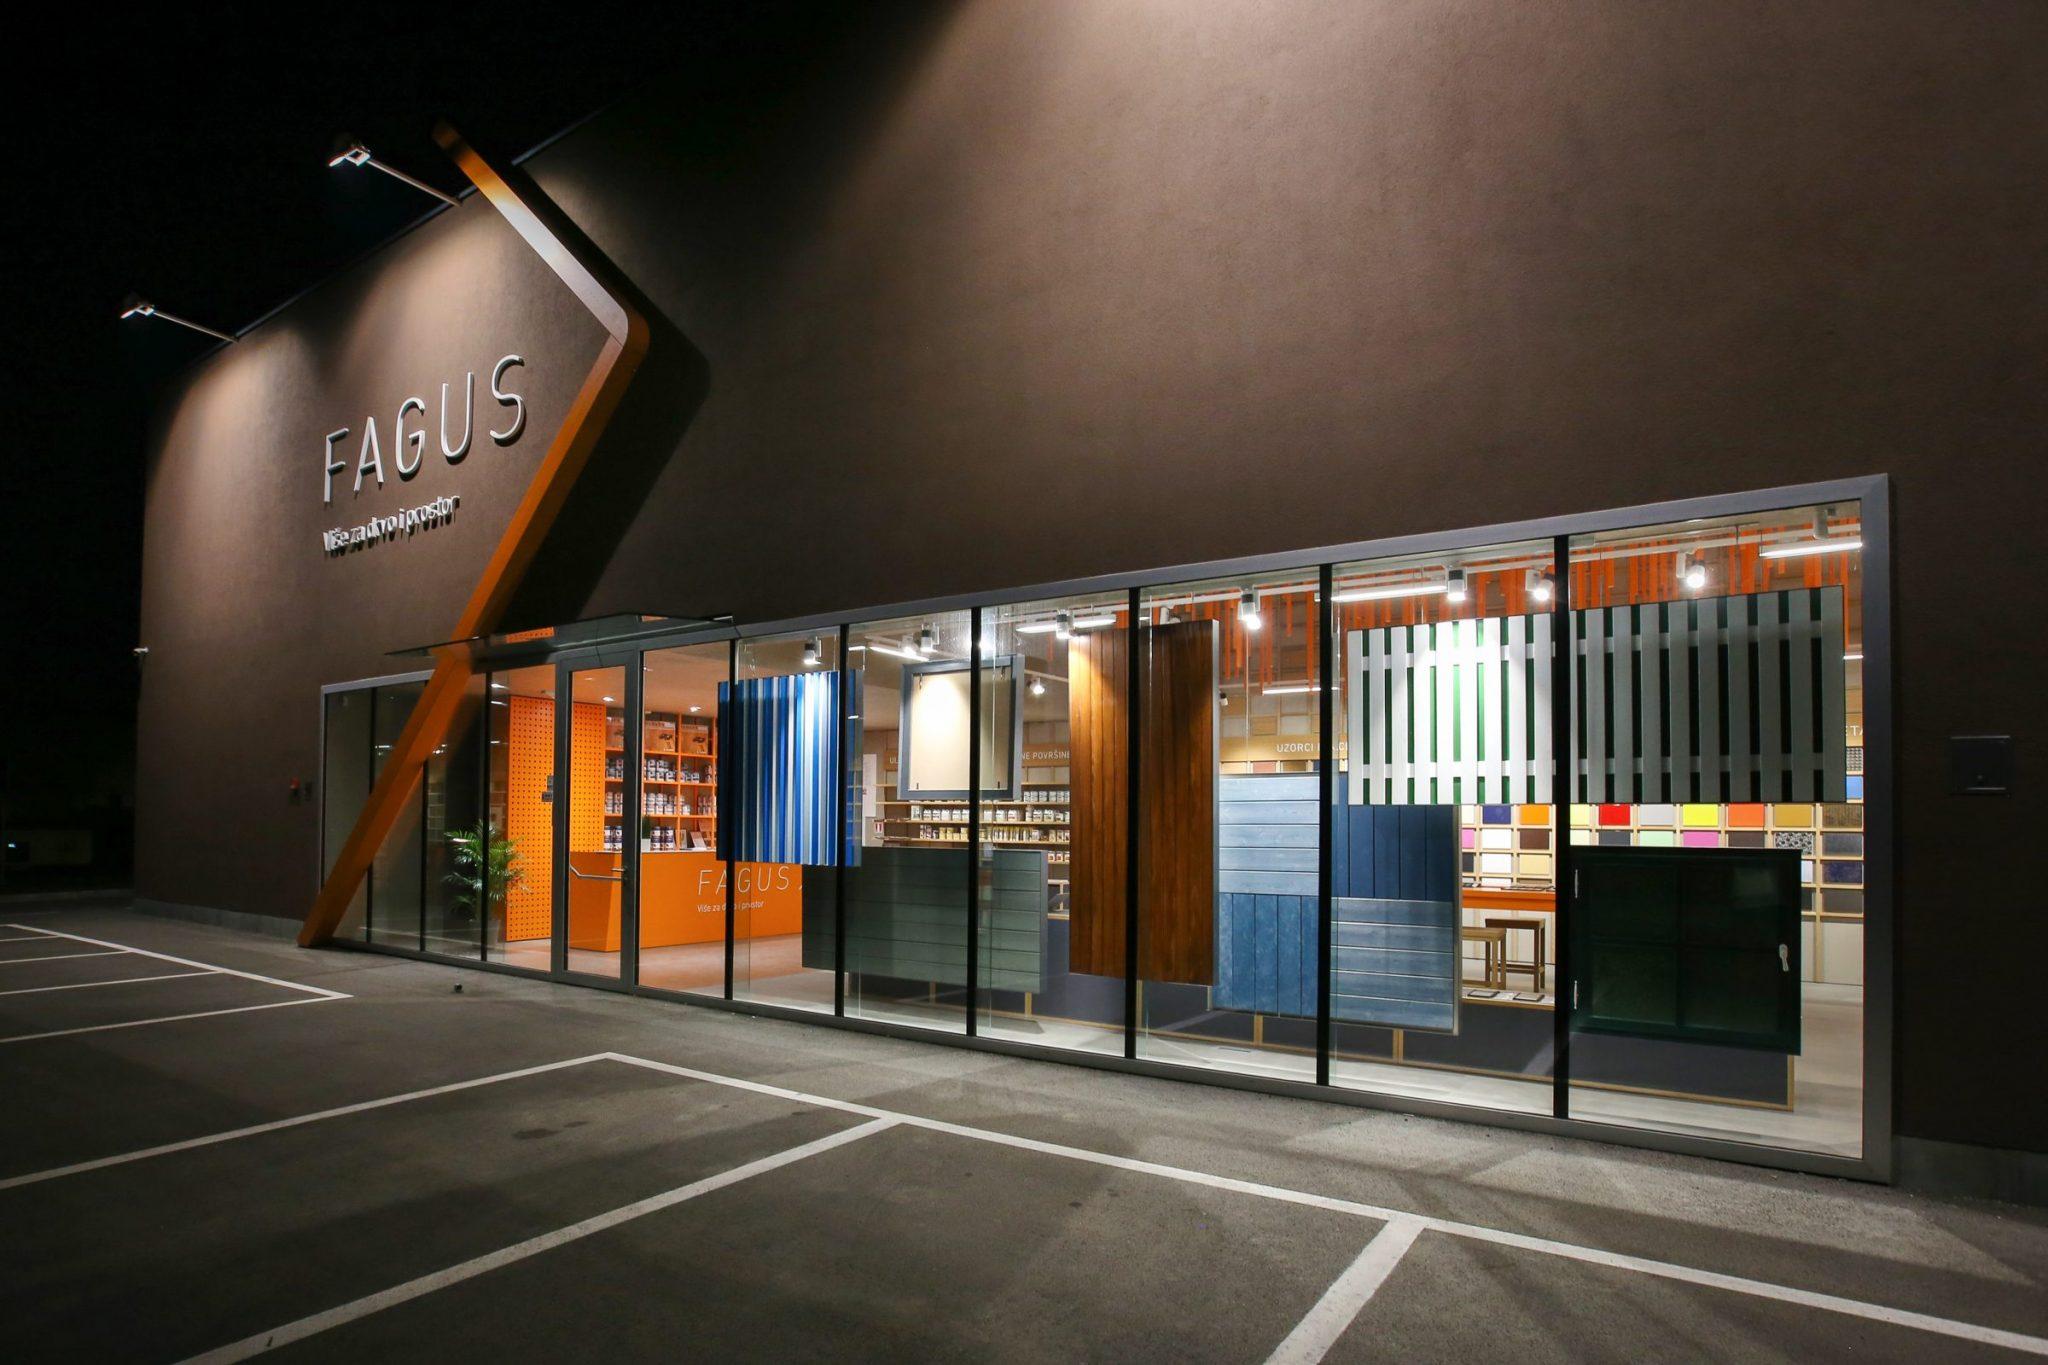 Fagusov poslovni centar u Velikoj Gorici – središte modernog pristupa dekoraciji, zaštiti, obnovi i održavanju drvenih, podnih i zidnih površina